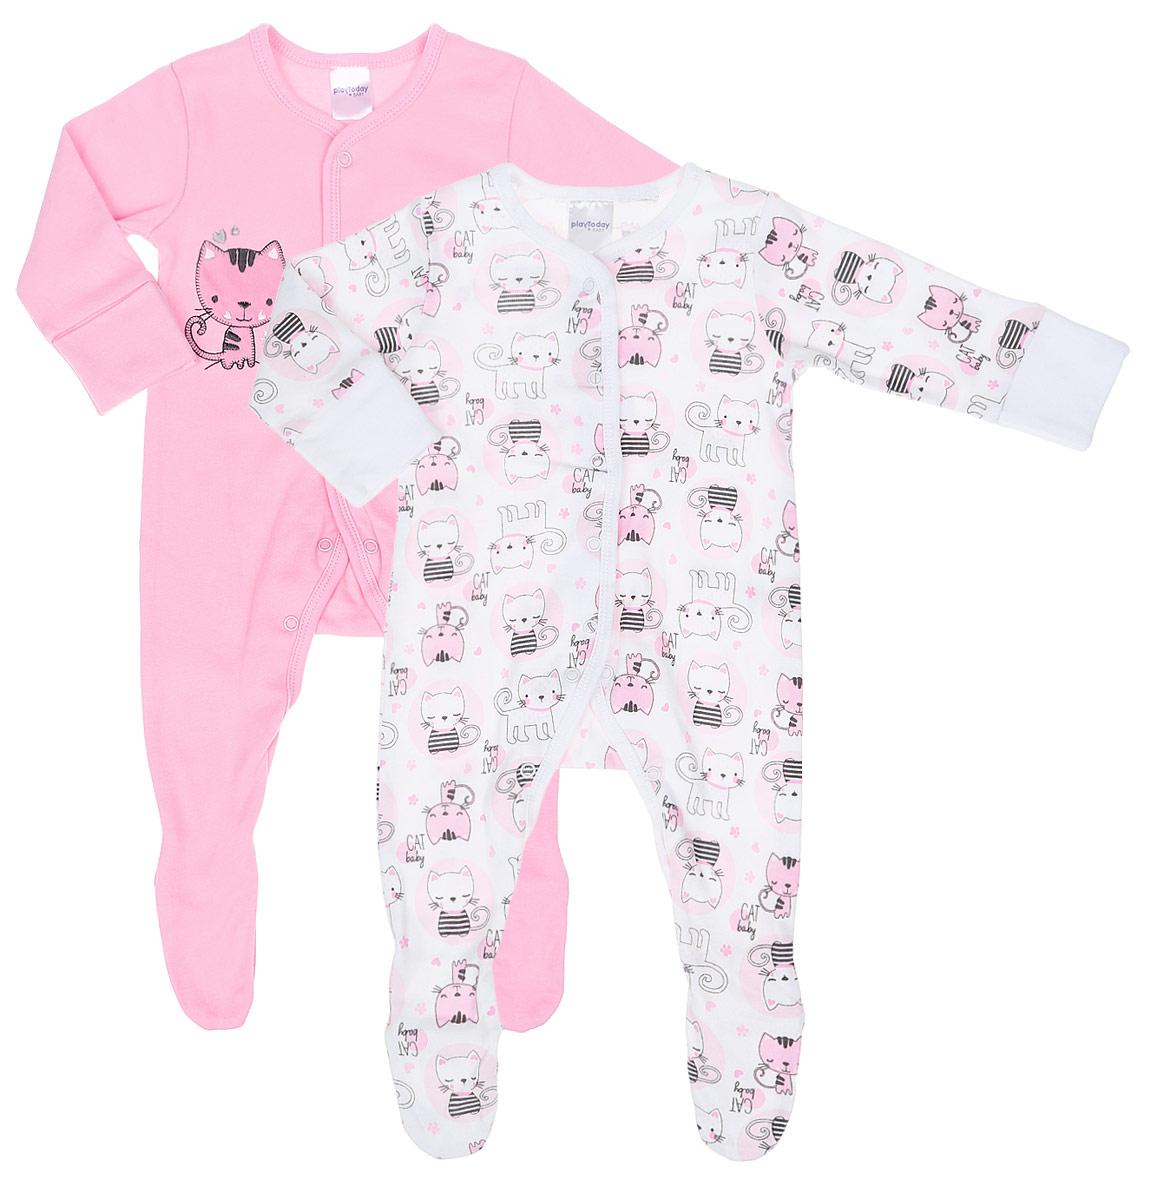 Комбинезон домашний для девочки PlayToday Baby, цвет: белый, розовый, 2 шт. 178806. Размер 62178806Комплект комбинезонов PlayToday Baby разнообразит гардероб вашей малышки. Комбинезоны с закрытыми ножками изготовлены из натурального хлопка и оформлены милым принтом. Материал изделия мягкий и тактильно приятный, не раздражает нежную кожу ребенка и хорошо пропускает воздух. Модели имеют удобные застежки-кнопки спереди и между ножек, что позволит легко переодеть ребенка или сменить подгузник, а также удобные манжеты на рукавах, которые можно превратить в рукавички - ребенок не сможет себя поранить и оцарапать. Круглый вырез горловины дополнен мягкой эластичной бейкой. Комбинезоны полностью соответствуют особенностям жизни ребенка в ранний период, не стесняя и не ограничивая его в движениях.